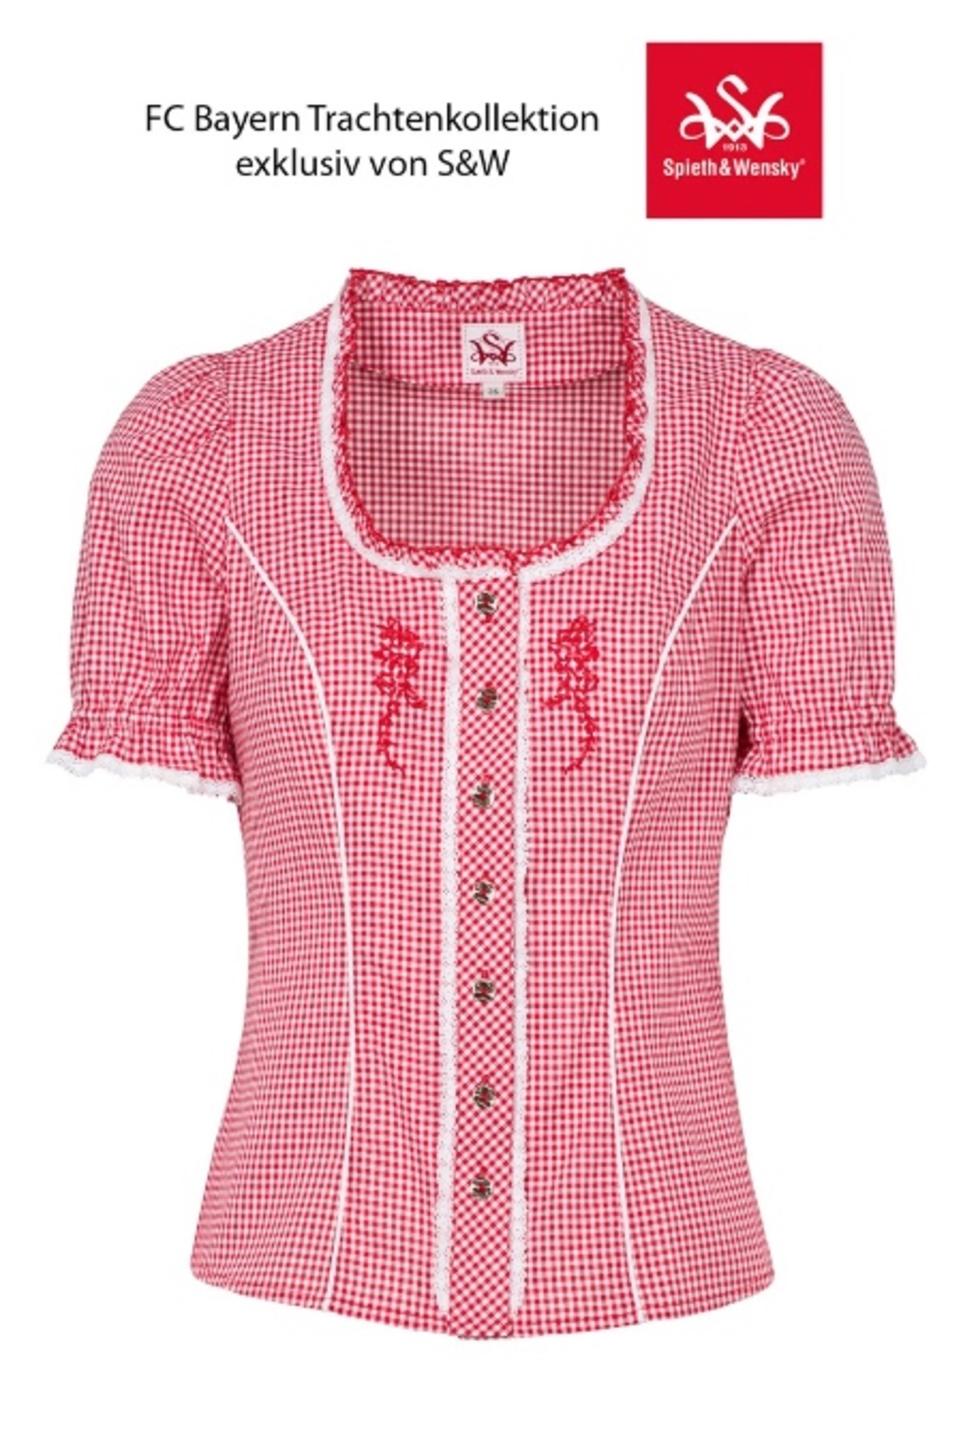 Trachtenbluse Damen Blusen Trachten Oberteil Kurzarm Schwarz Herz Rot Baumwolle